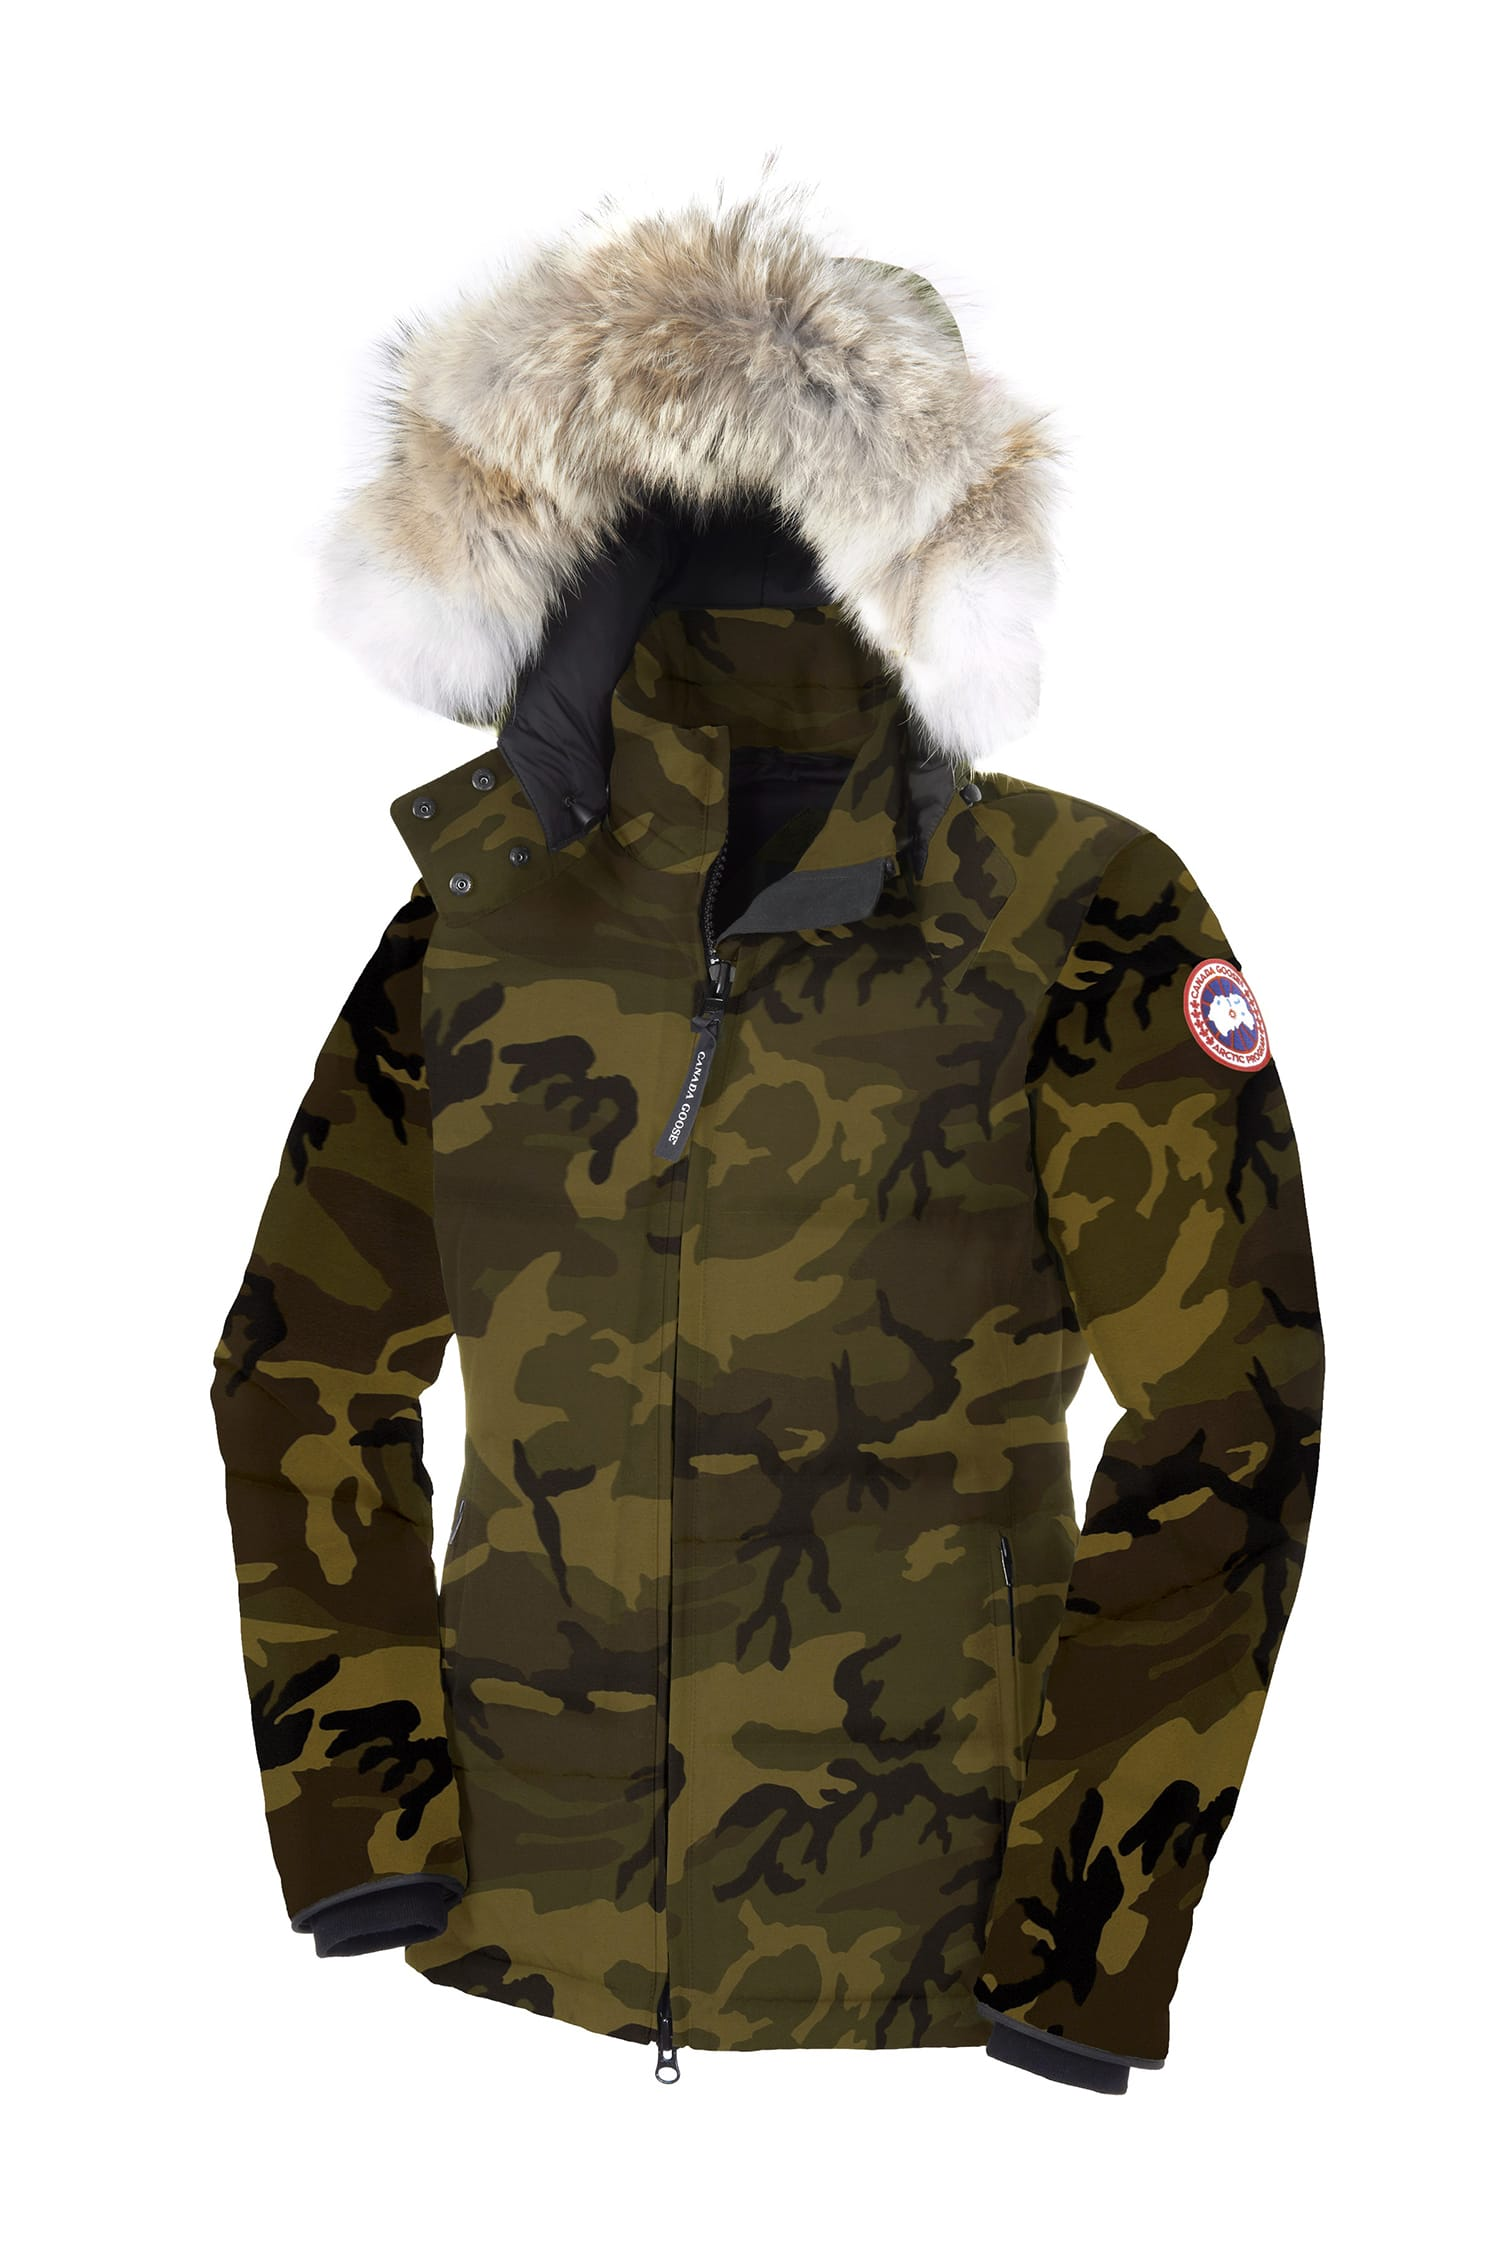 Avec L'hiver Montréal Journal Le Style Chaud Au De qEUrgE